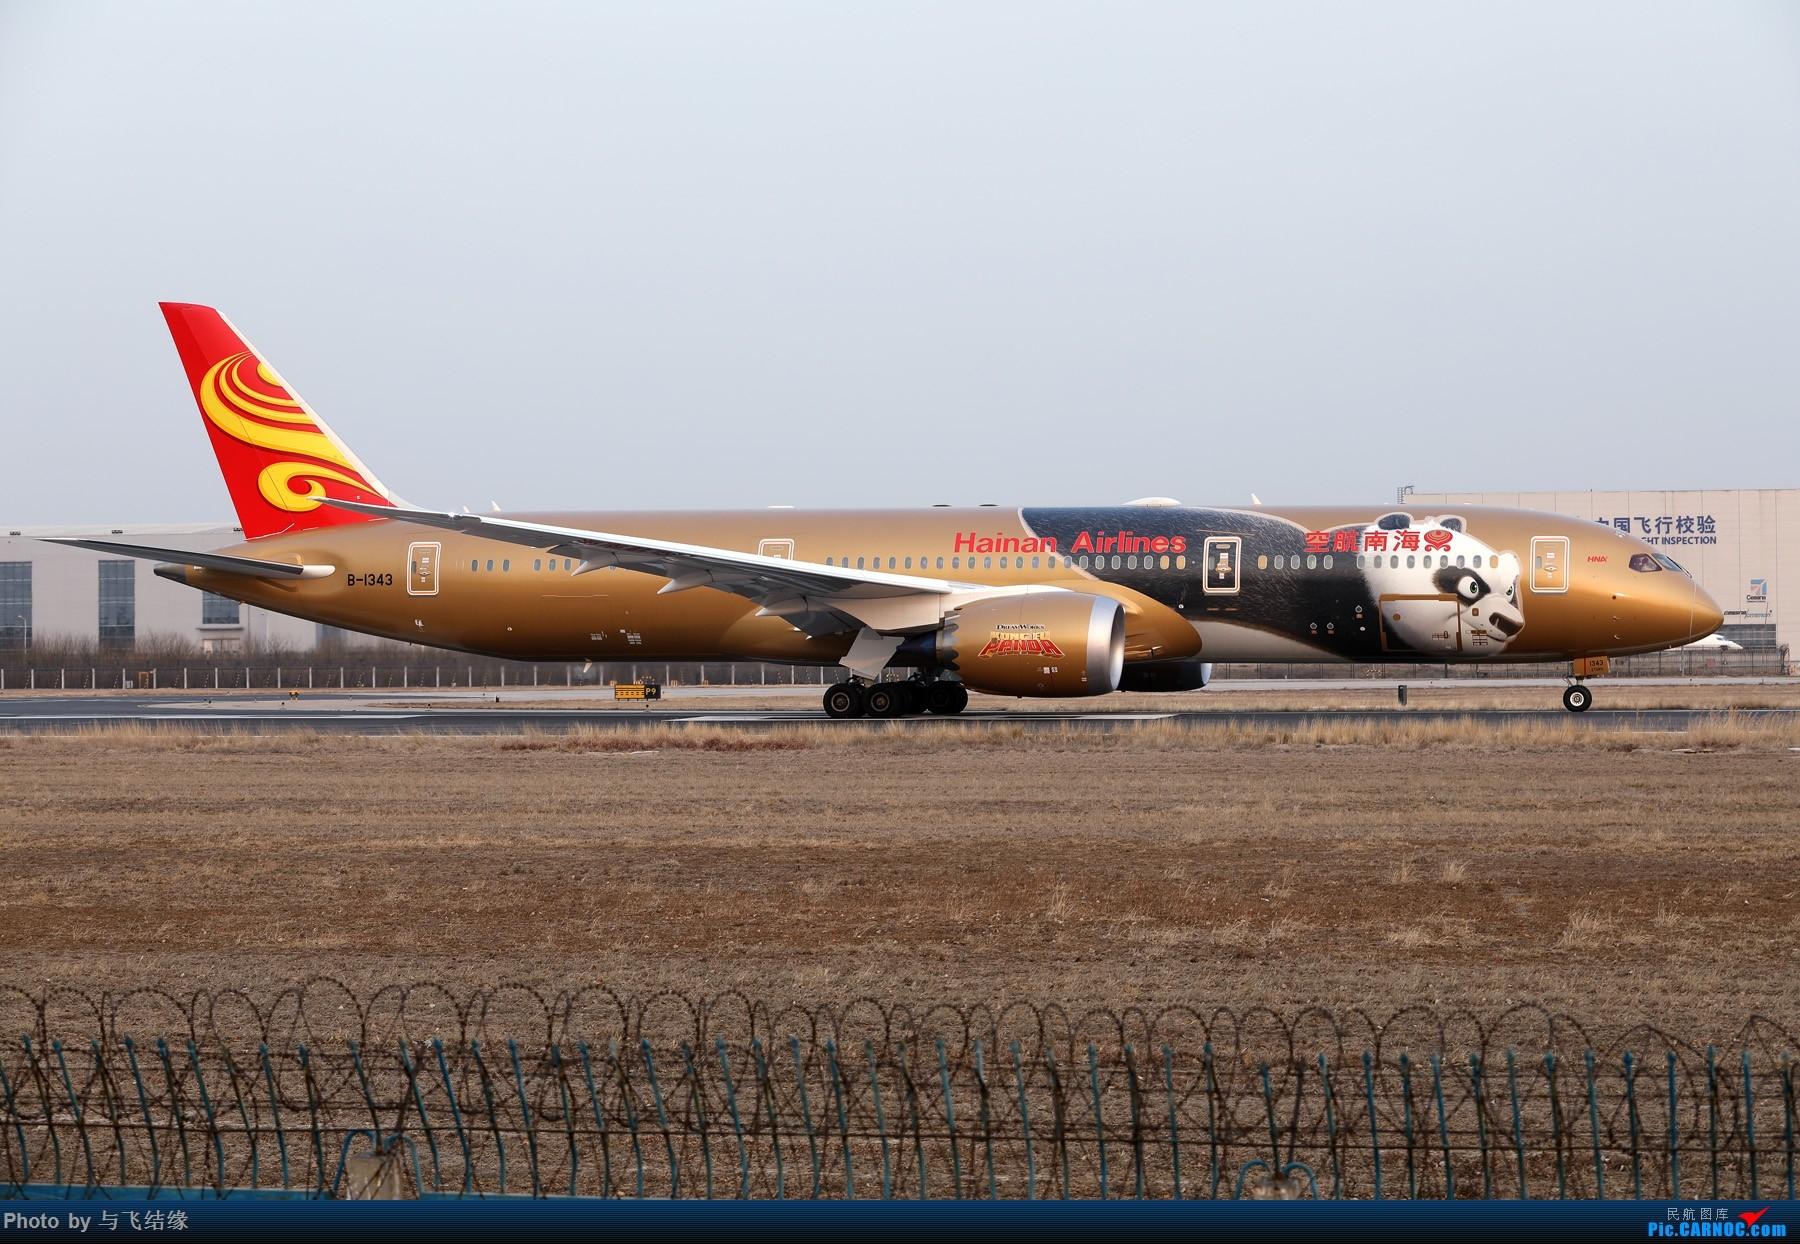 """Re:[原创]""""花里胡哨""""的一组彩绘机! BOEING 787-9 B-1343 中国北京首都国际机场"""